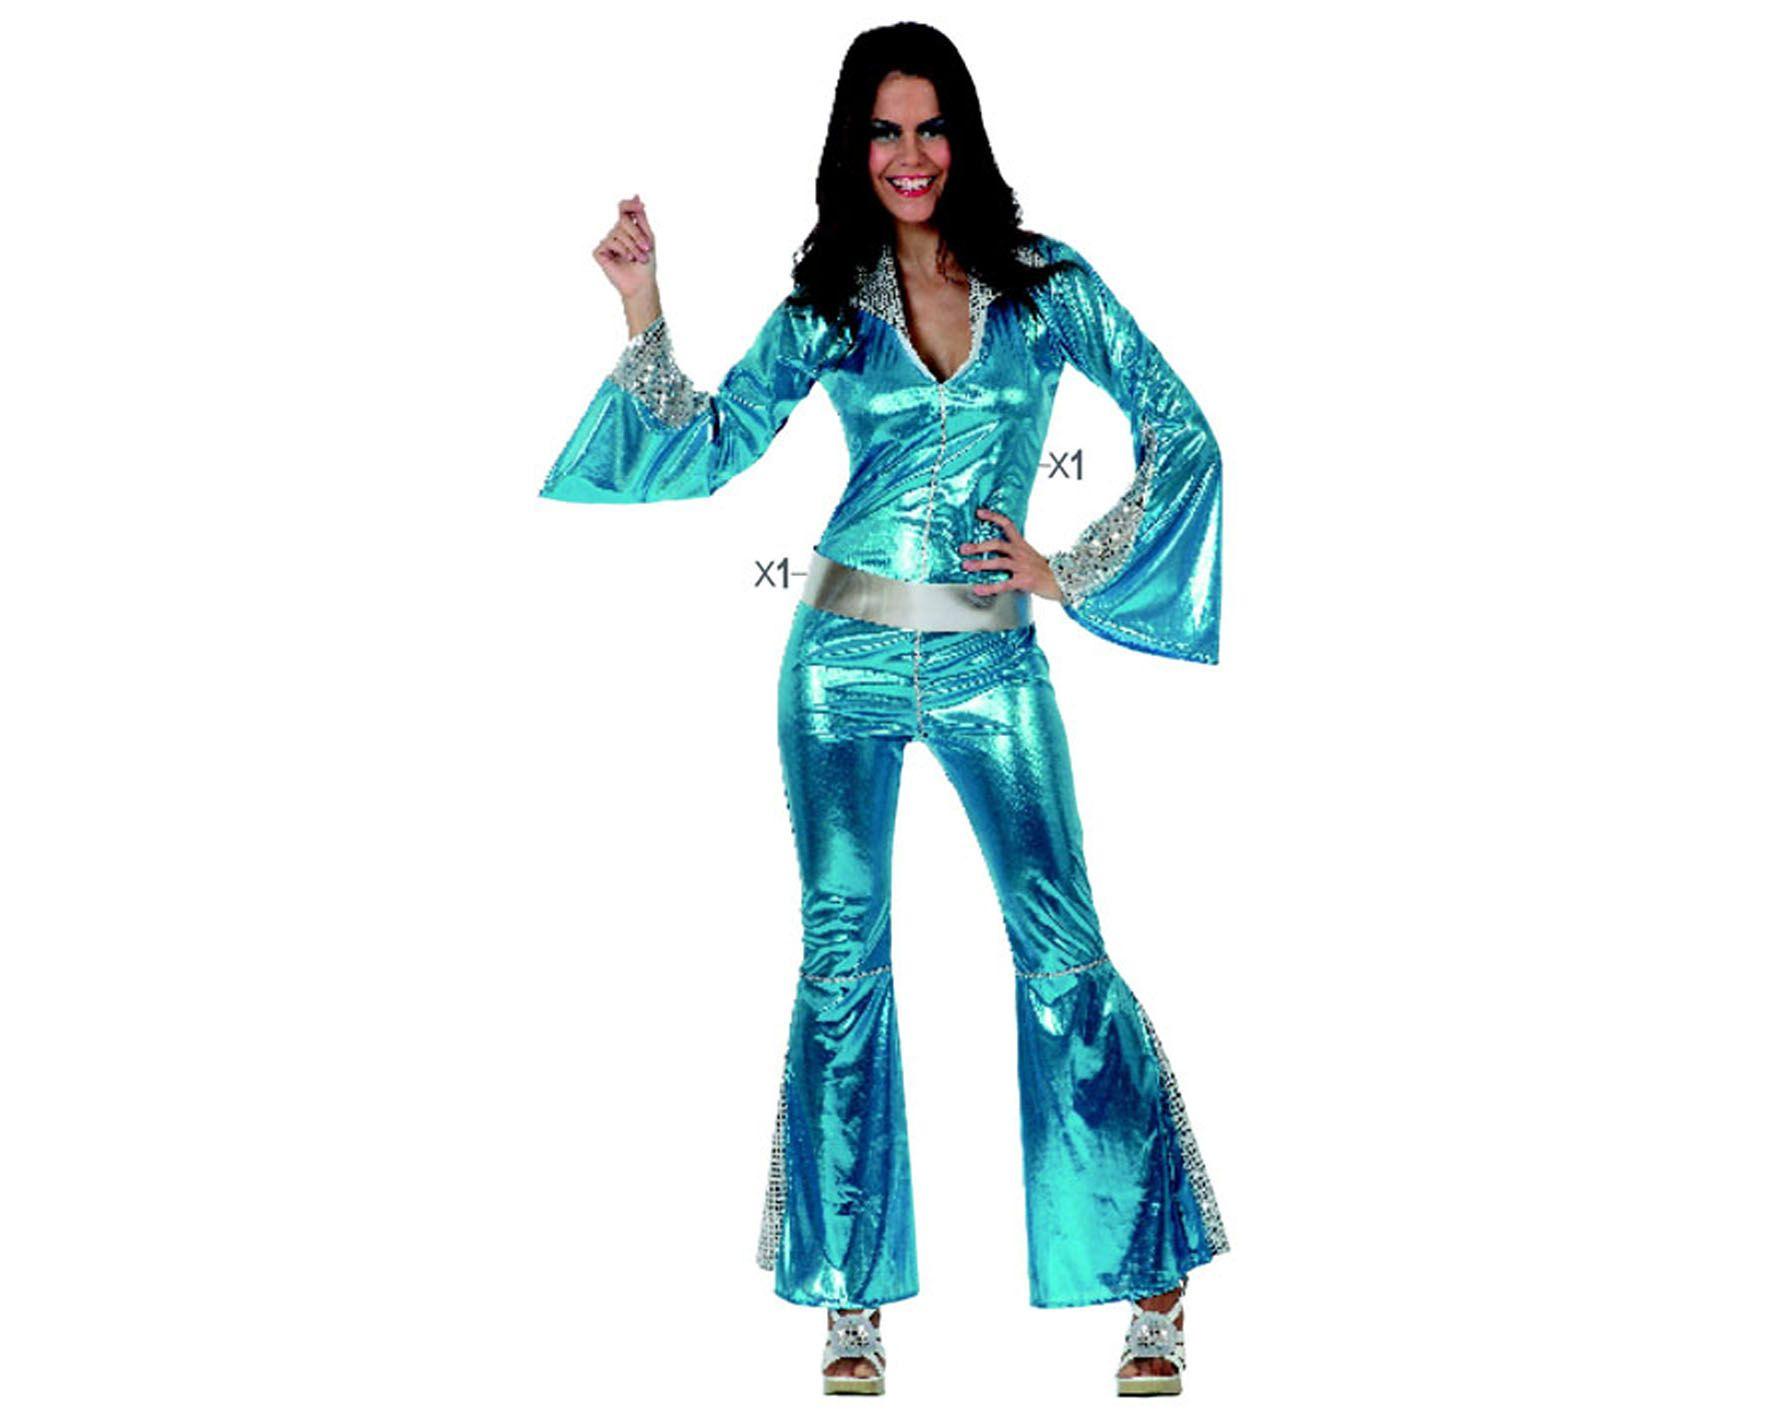 Comprar disfraz chica disco mono azul guau talla m a 17 99 for Disfraces baratos